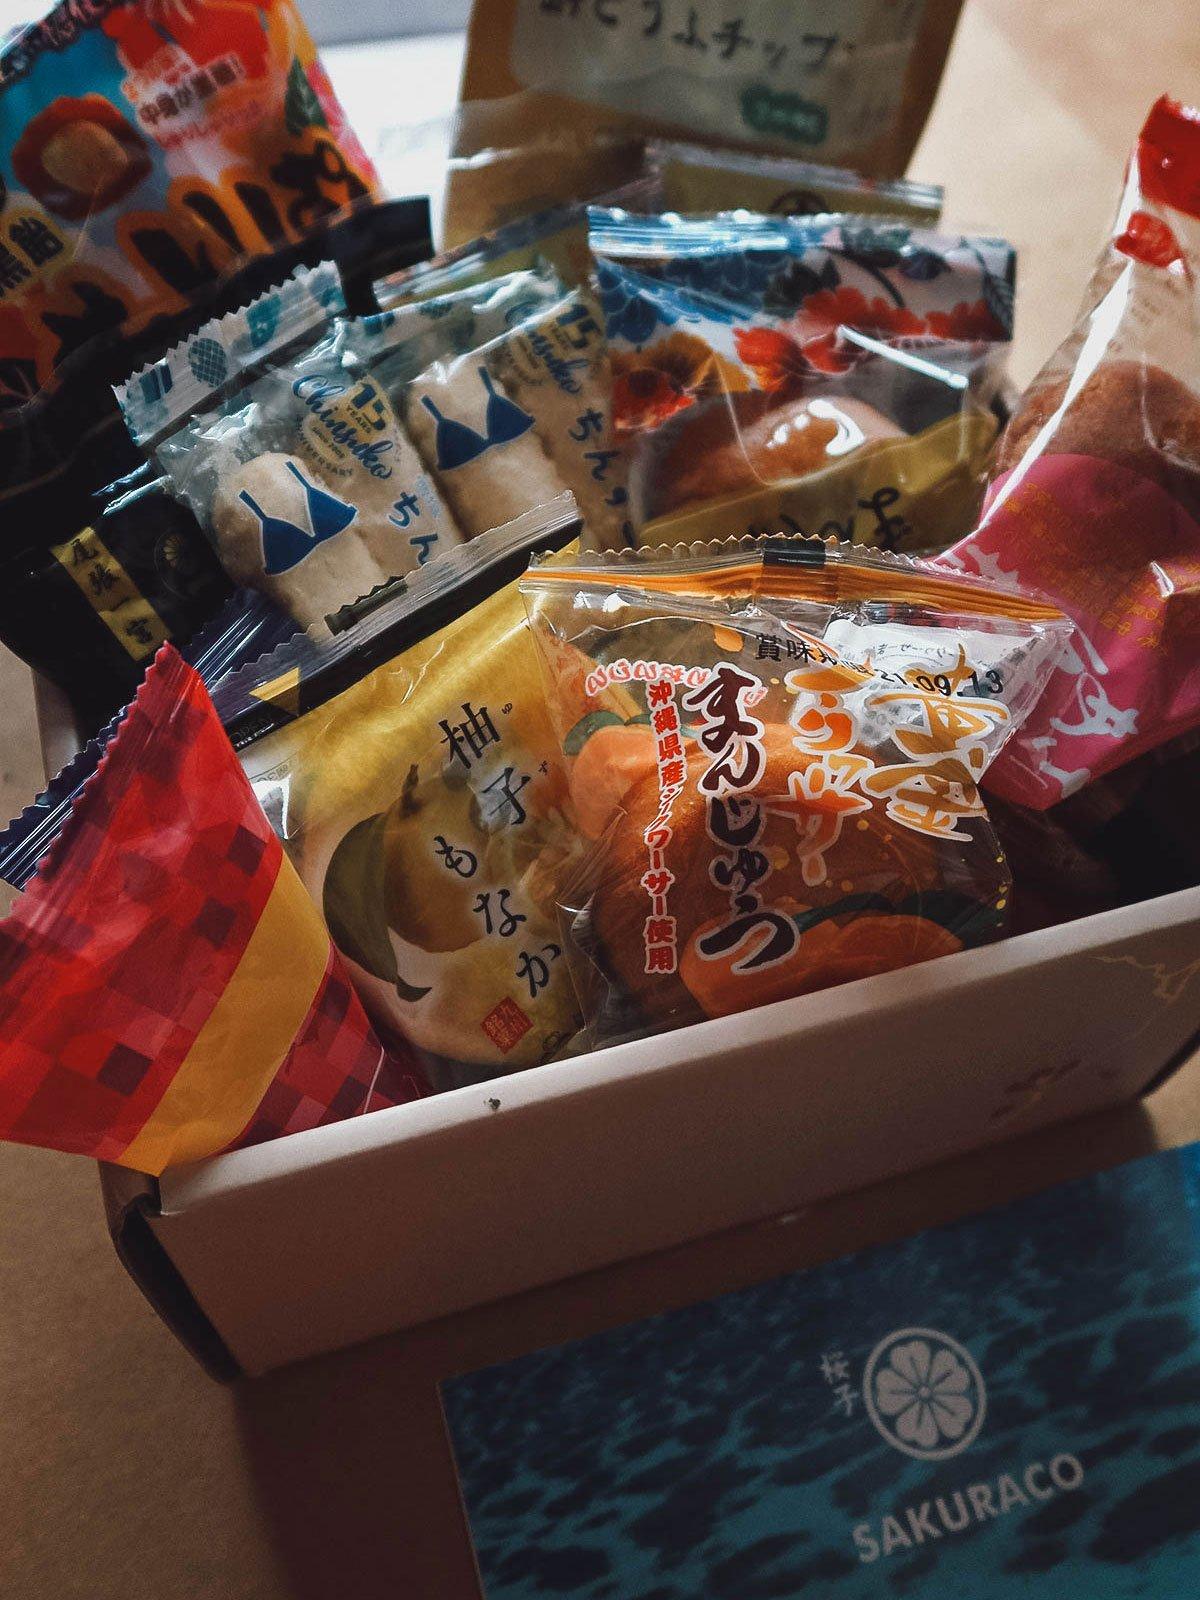 Sakuraco box contents